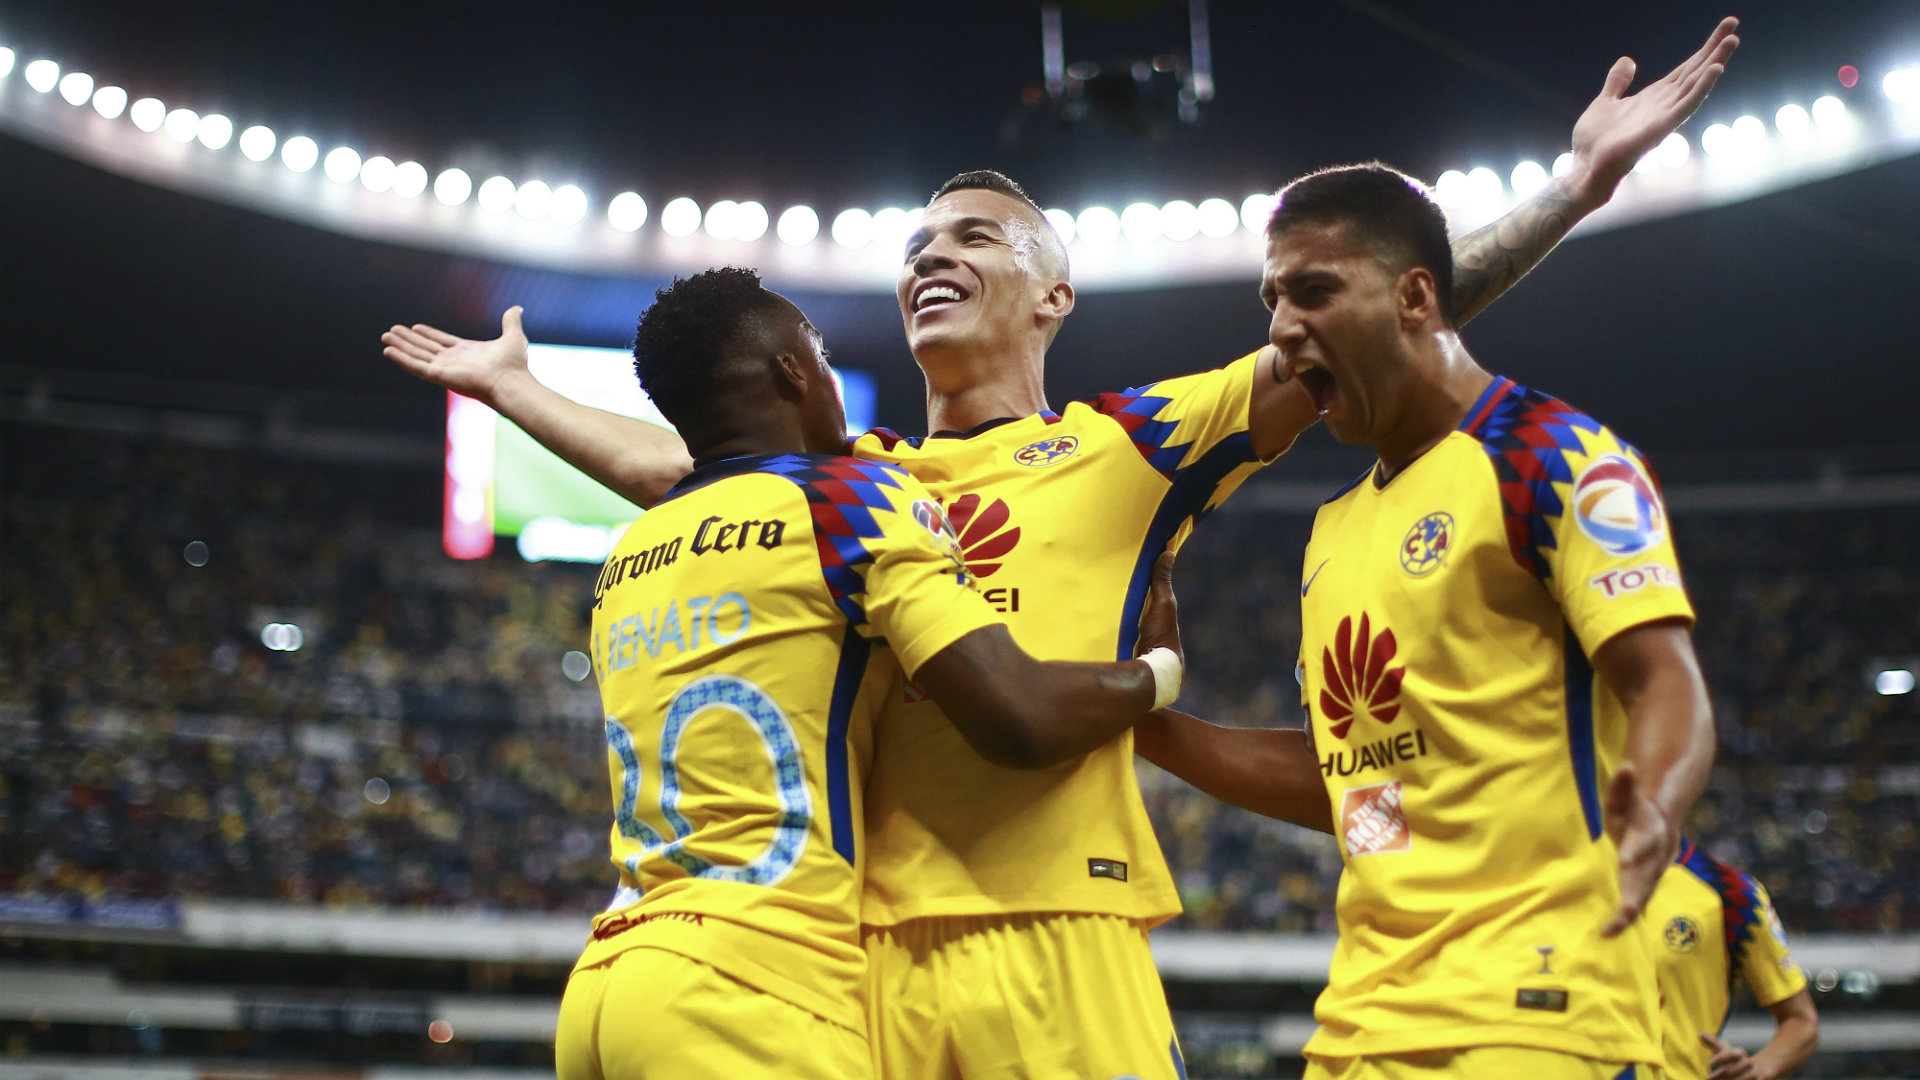 Resultado de imagen para america de mexico playing 2018